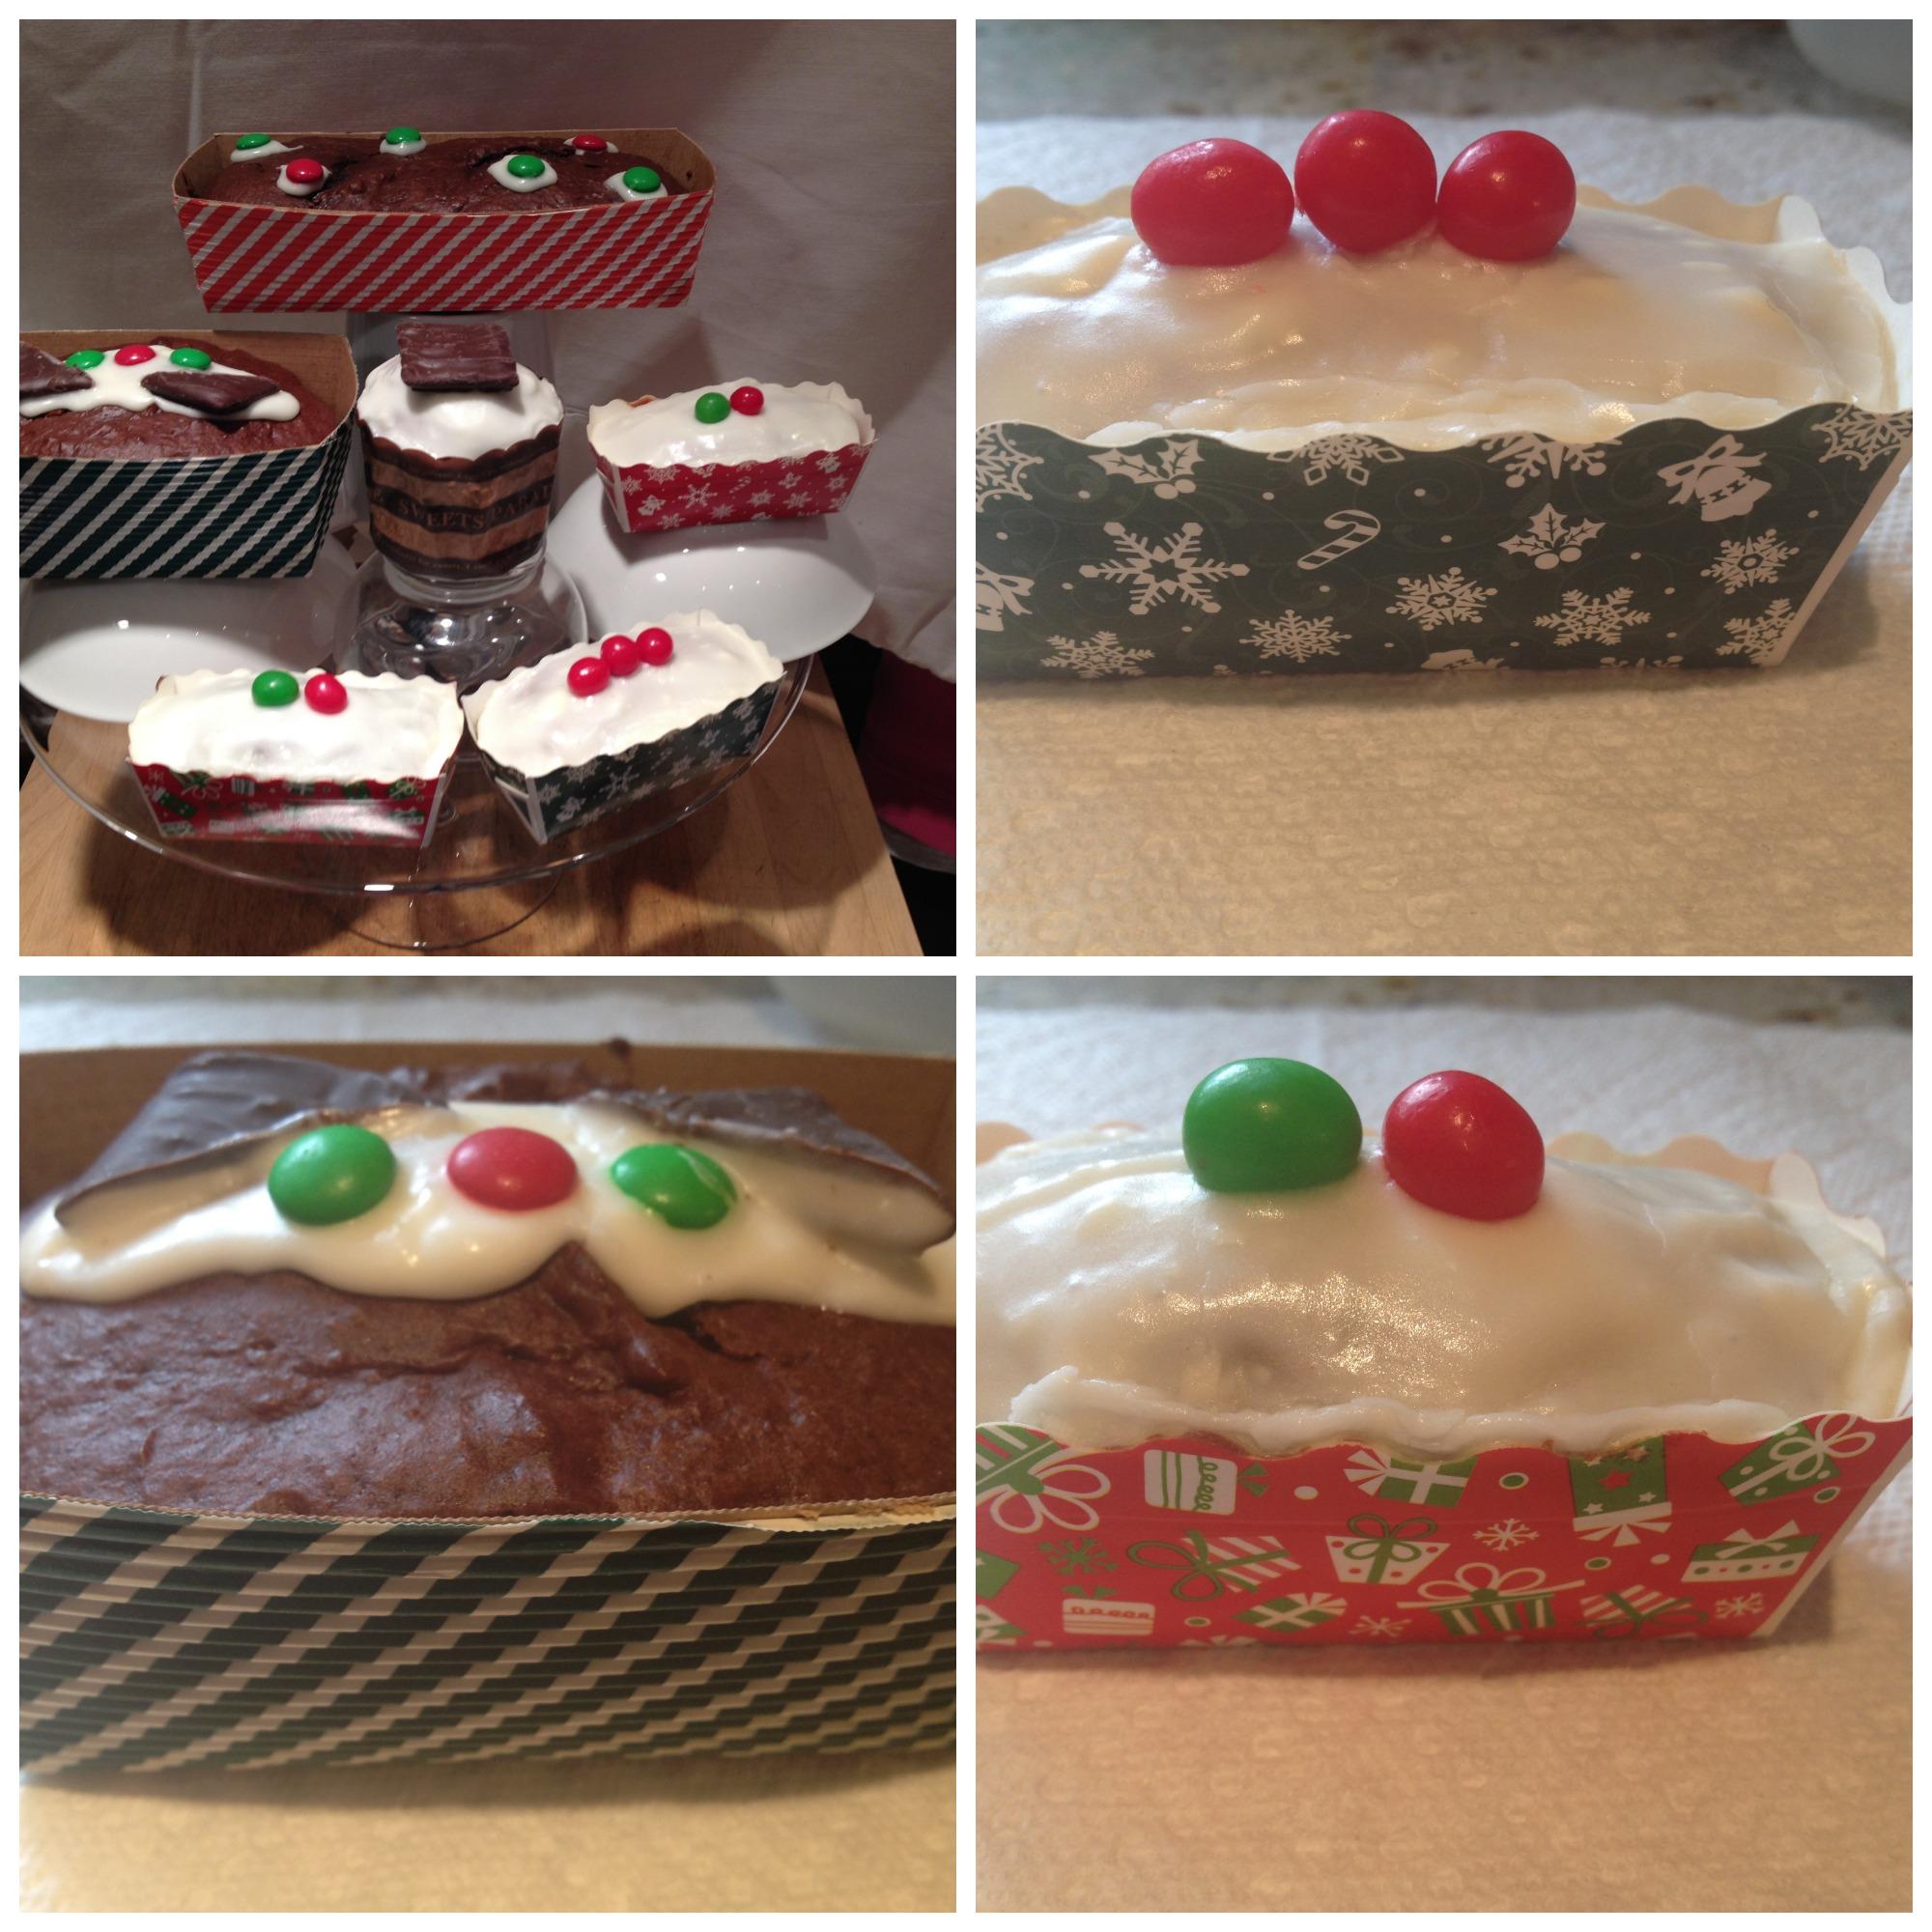 Inspiring Kitchen Christmas baking